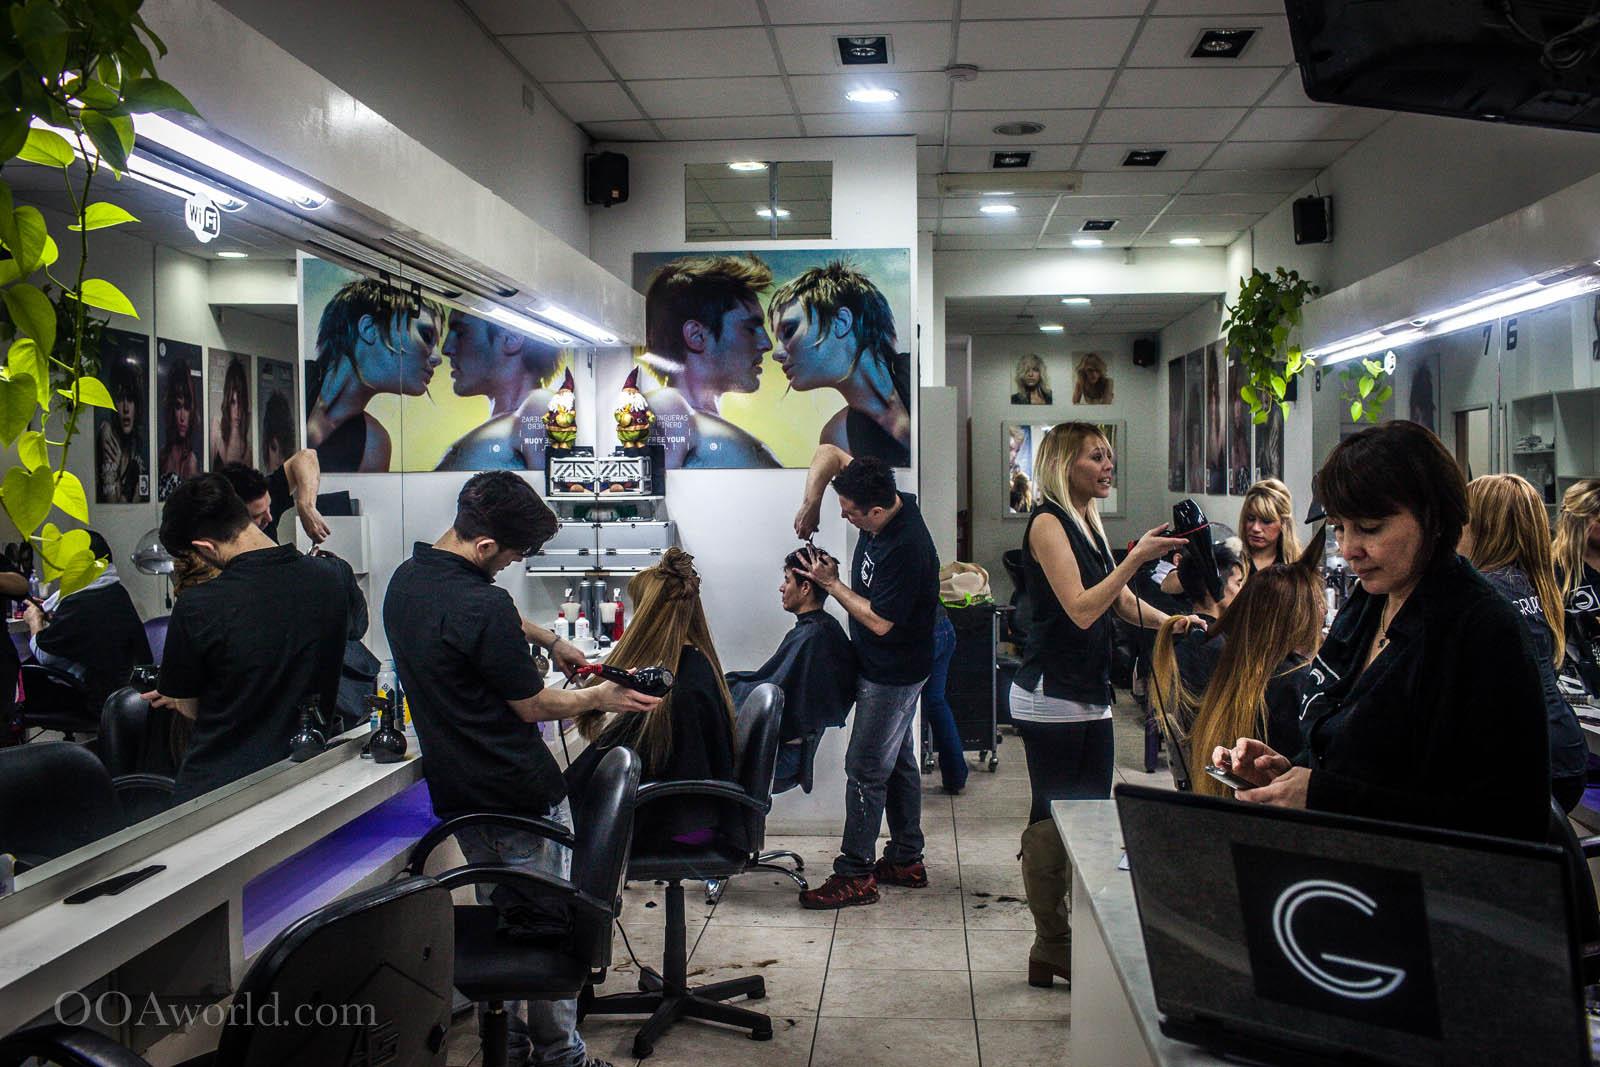 Ushuaia Fashion Haircut Photo Ooaworld